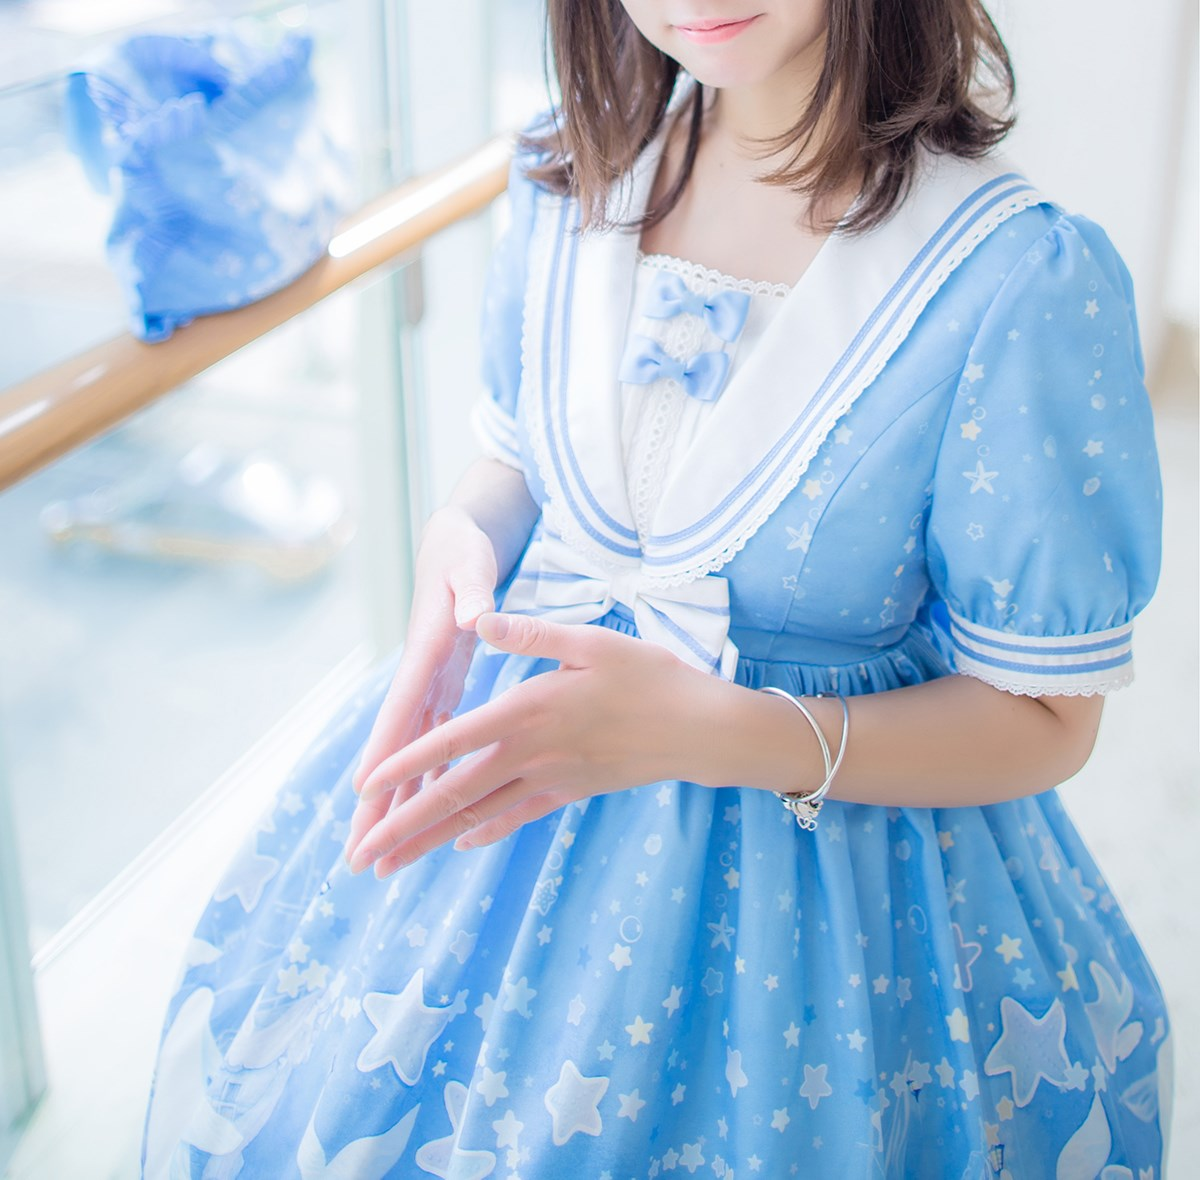 【兔玩映画】蓝色的LO娘 兔玩映画 第19张